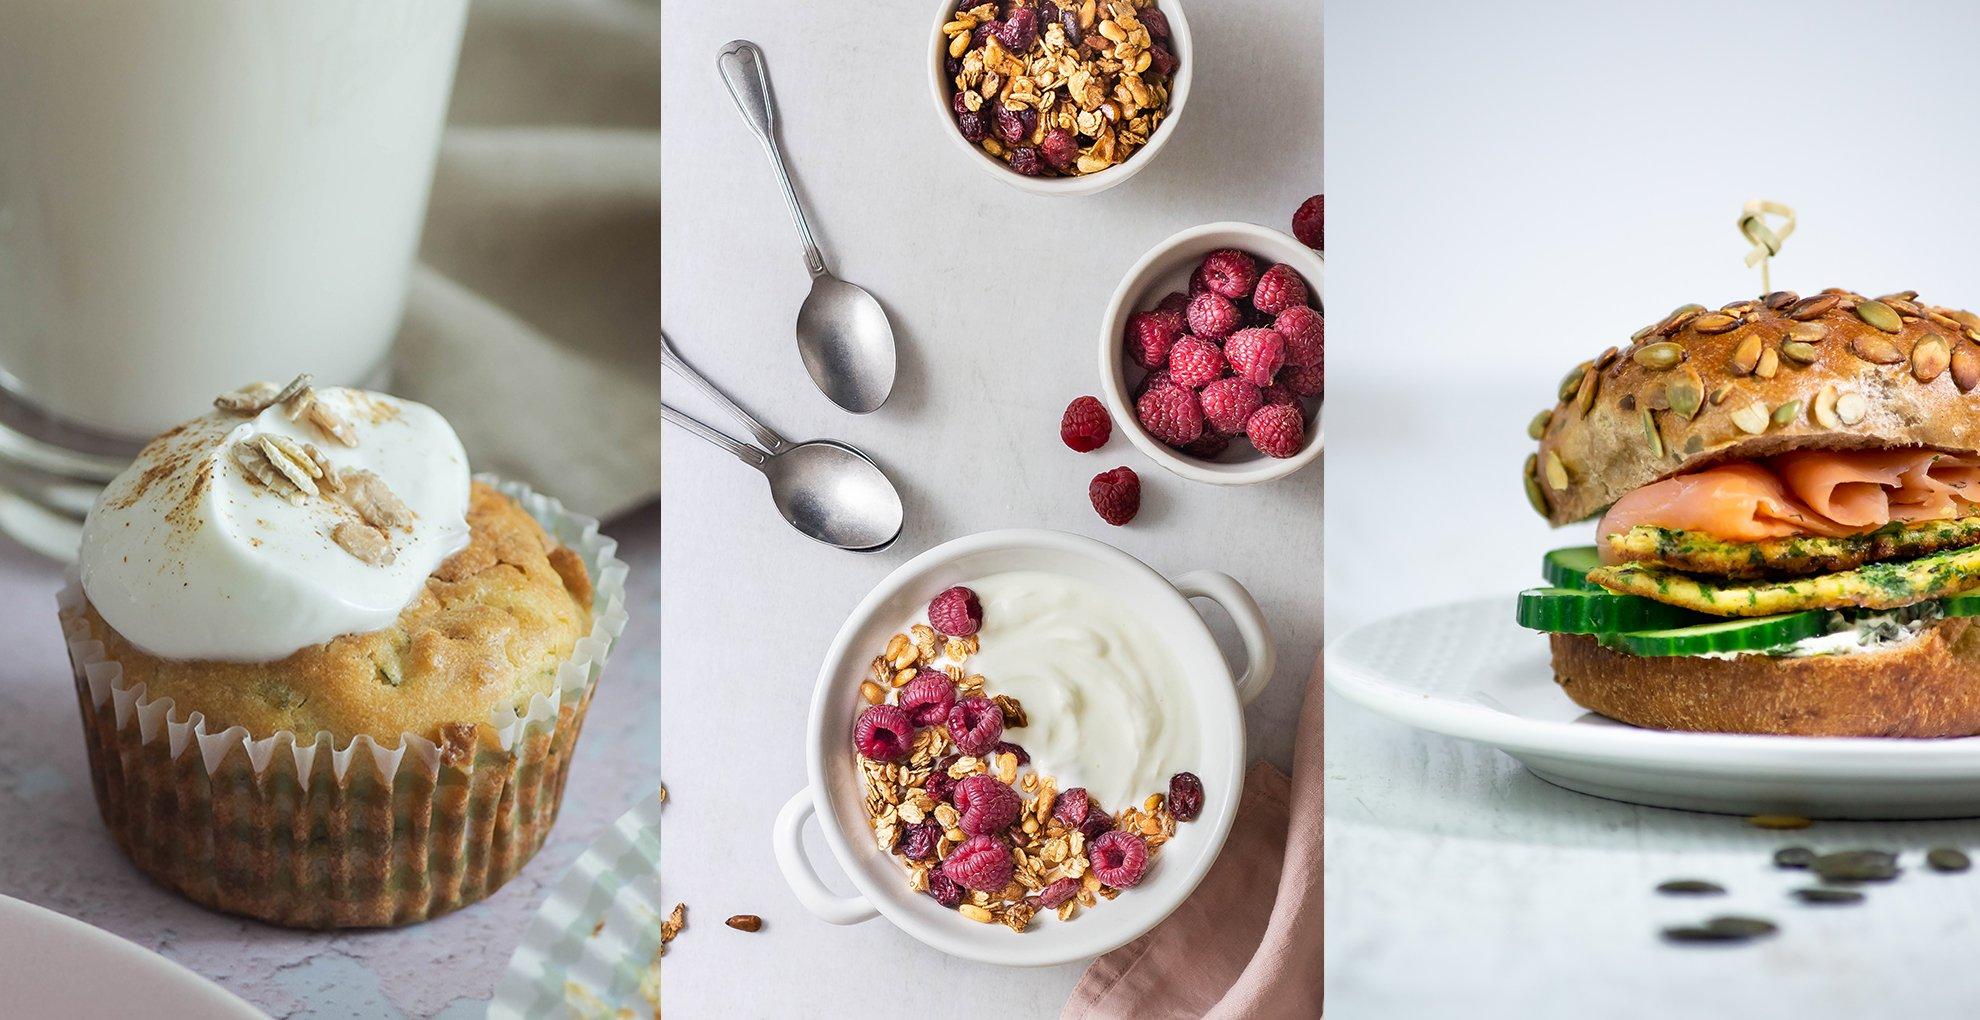 Ein gesundes Frühstück – der perfekte Start in den Tag